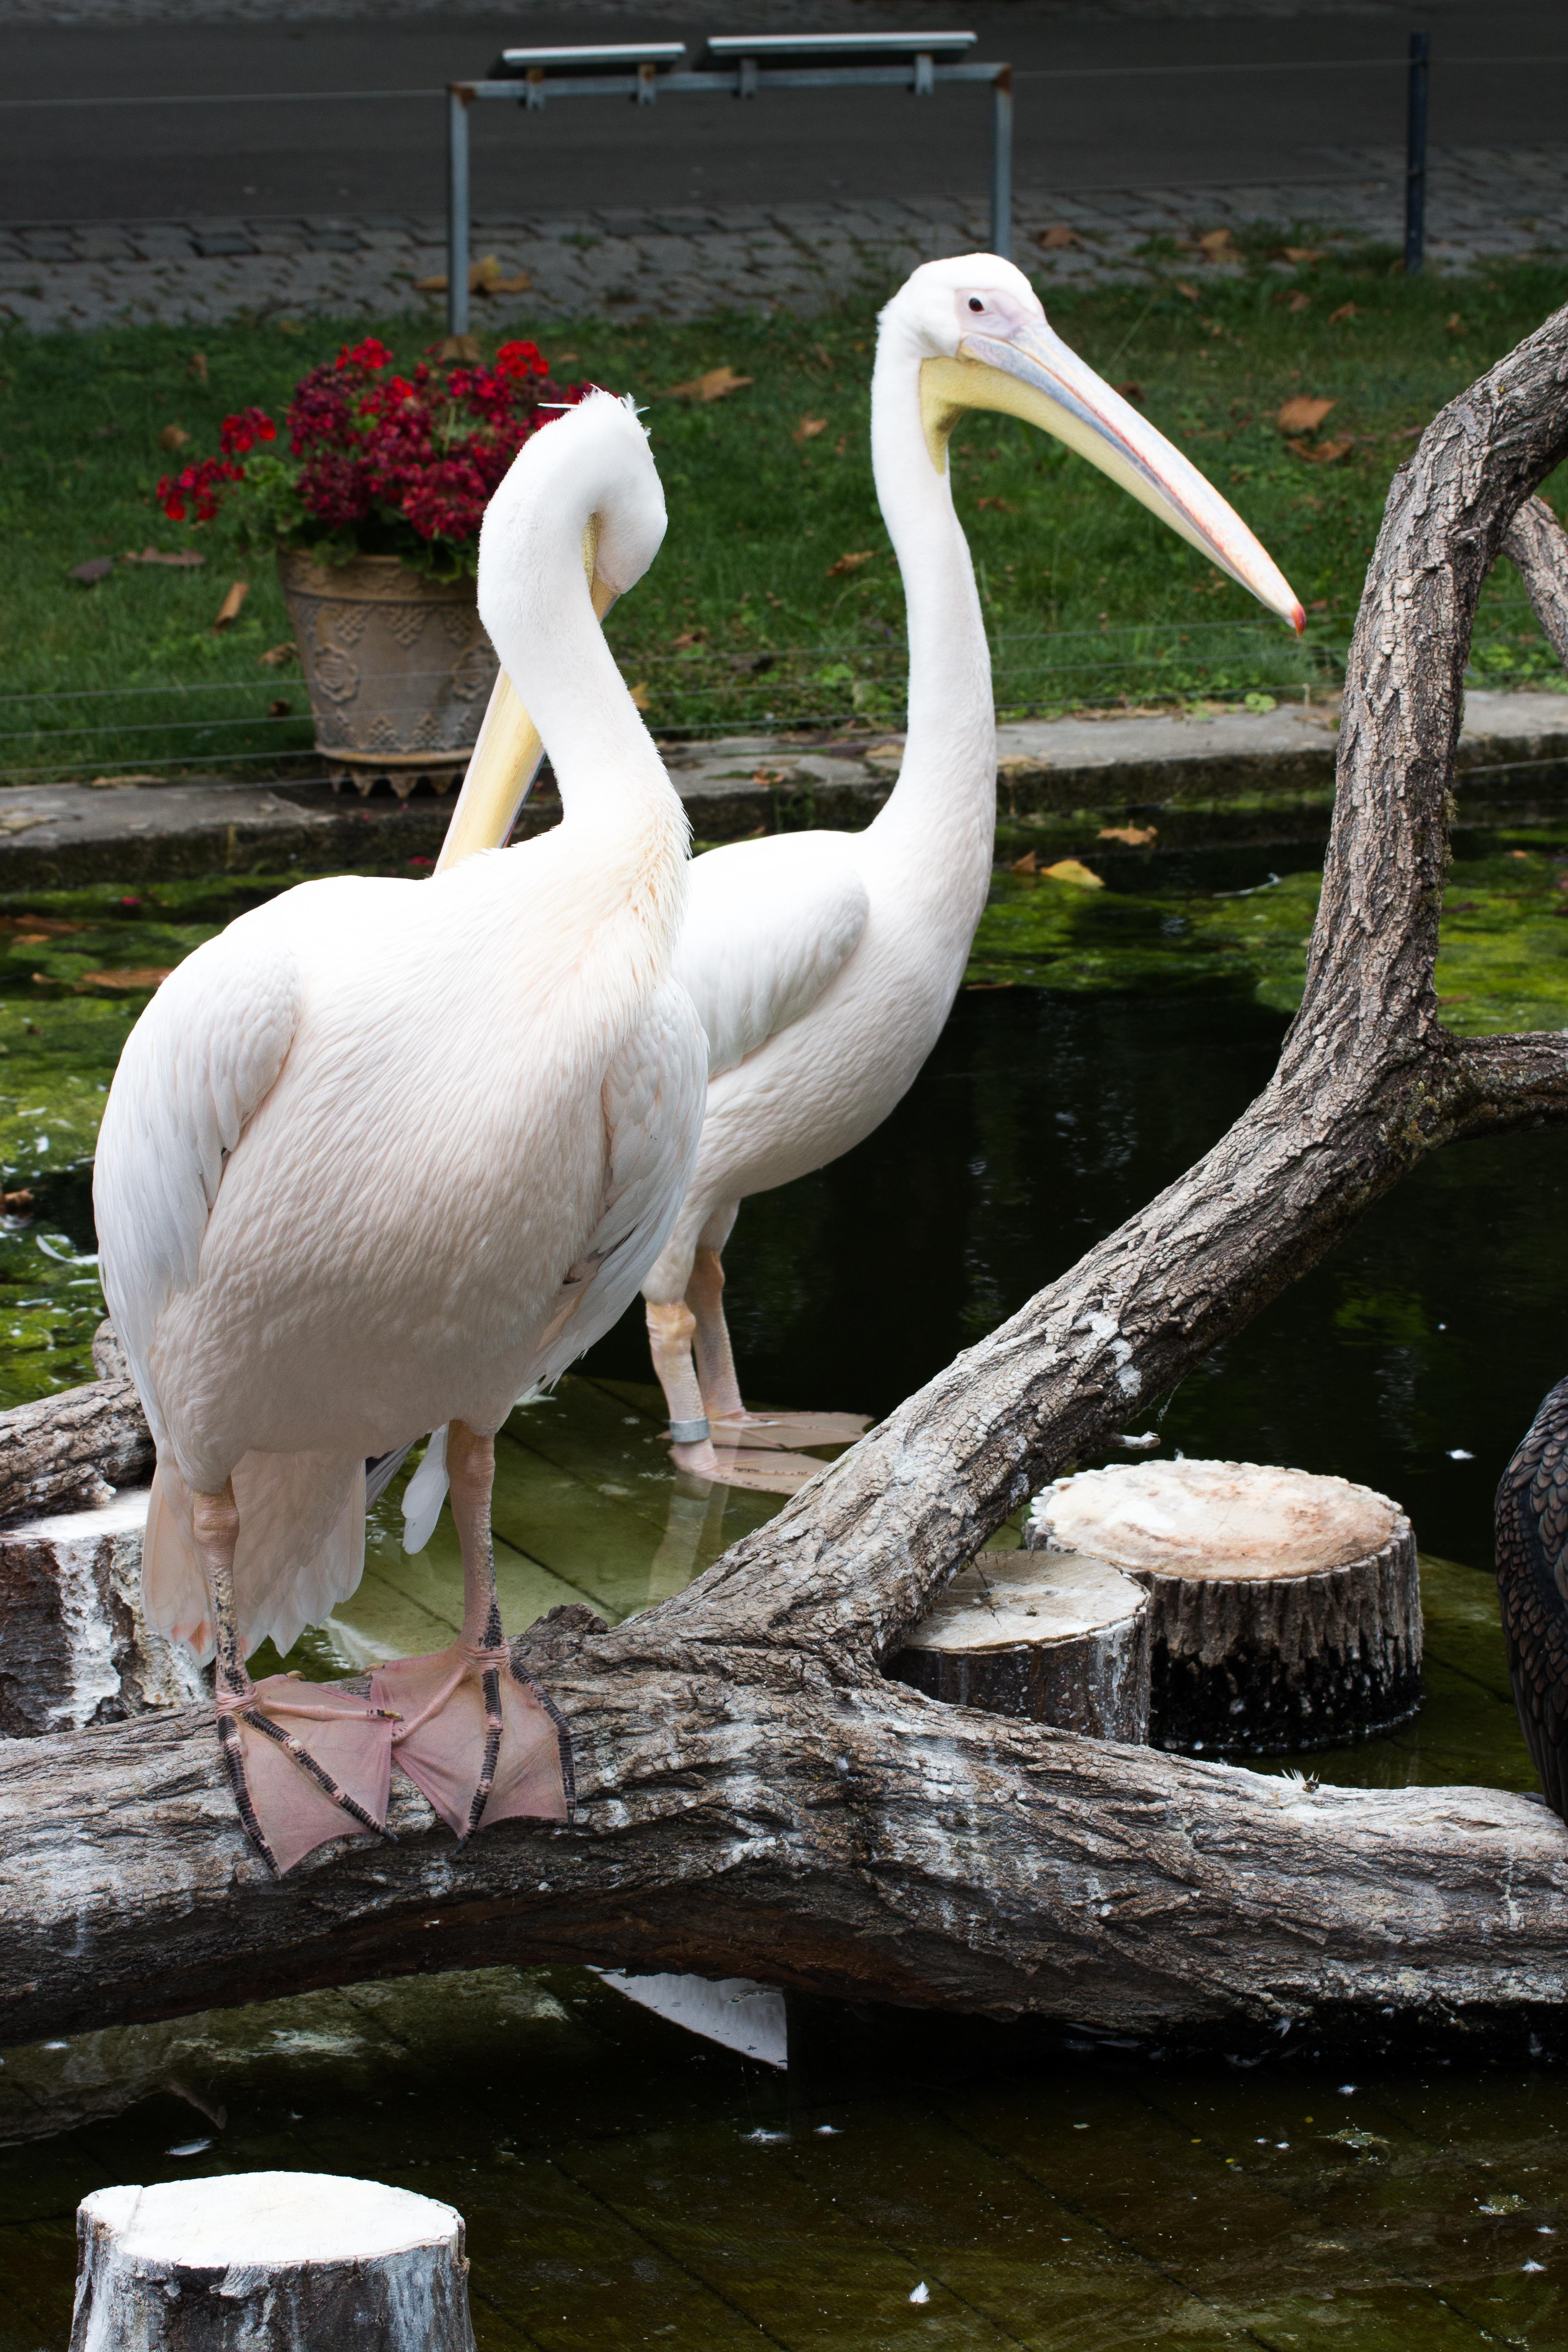 Ogród Botaniczny Wilchelma Stuttgart